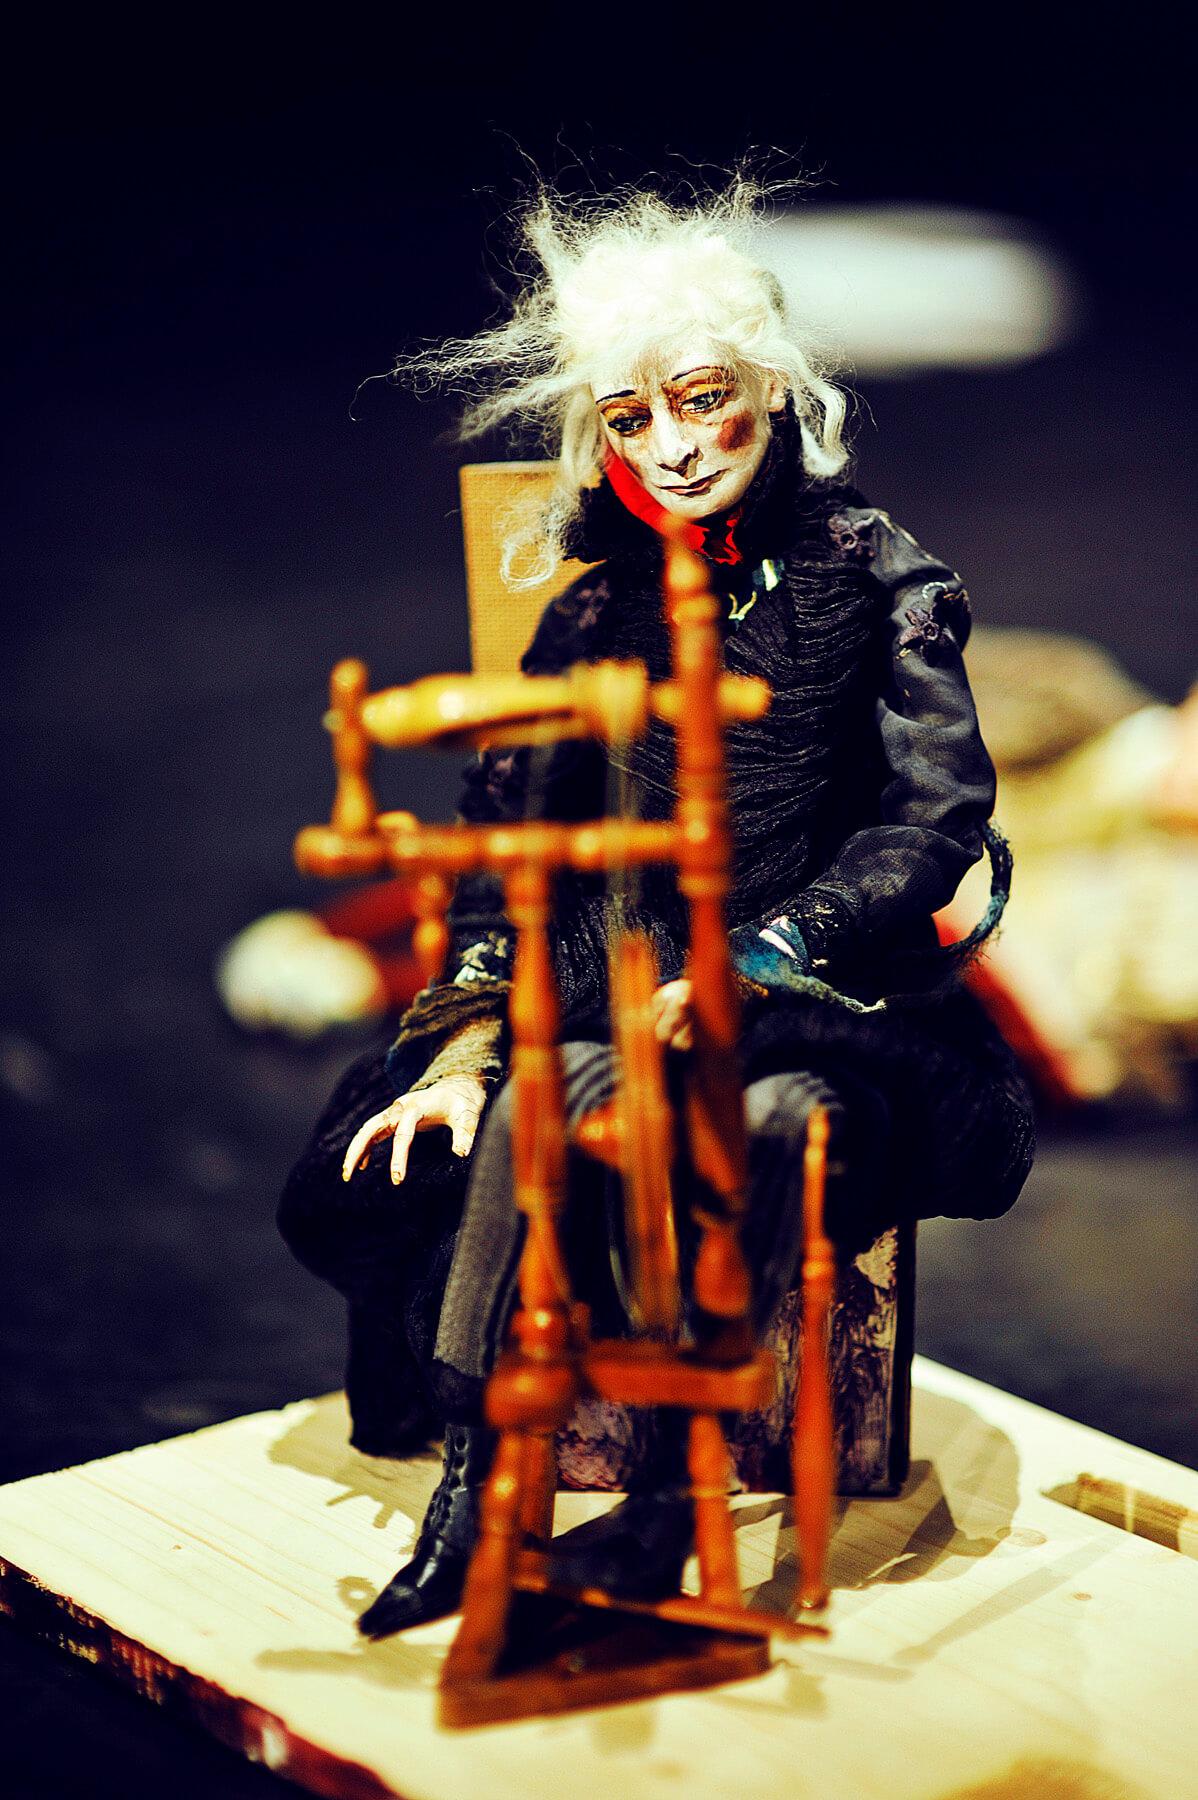 Zdjęcie do spektaklu spiąca Królewna. Pokazuje lalkę czarownicy siedzącą przy kołowrotku.